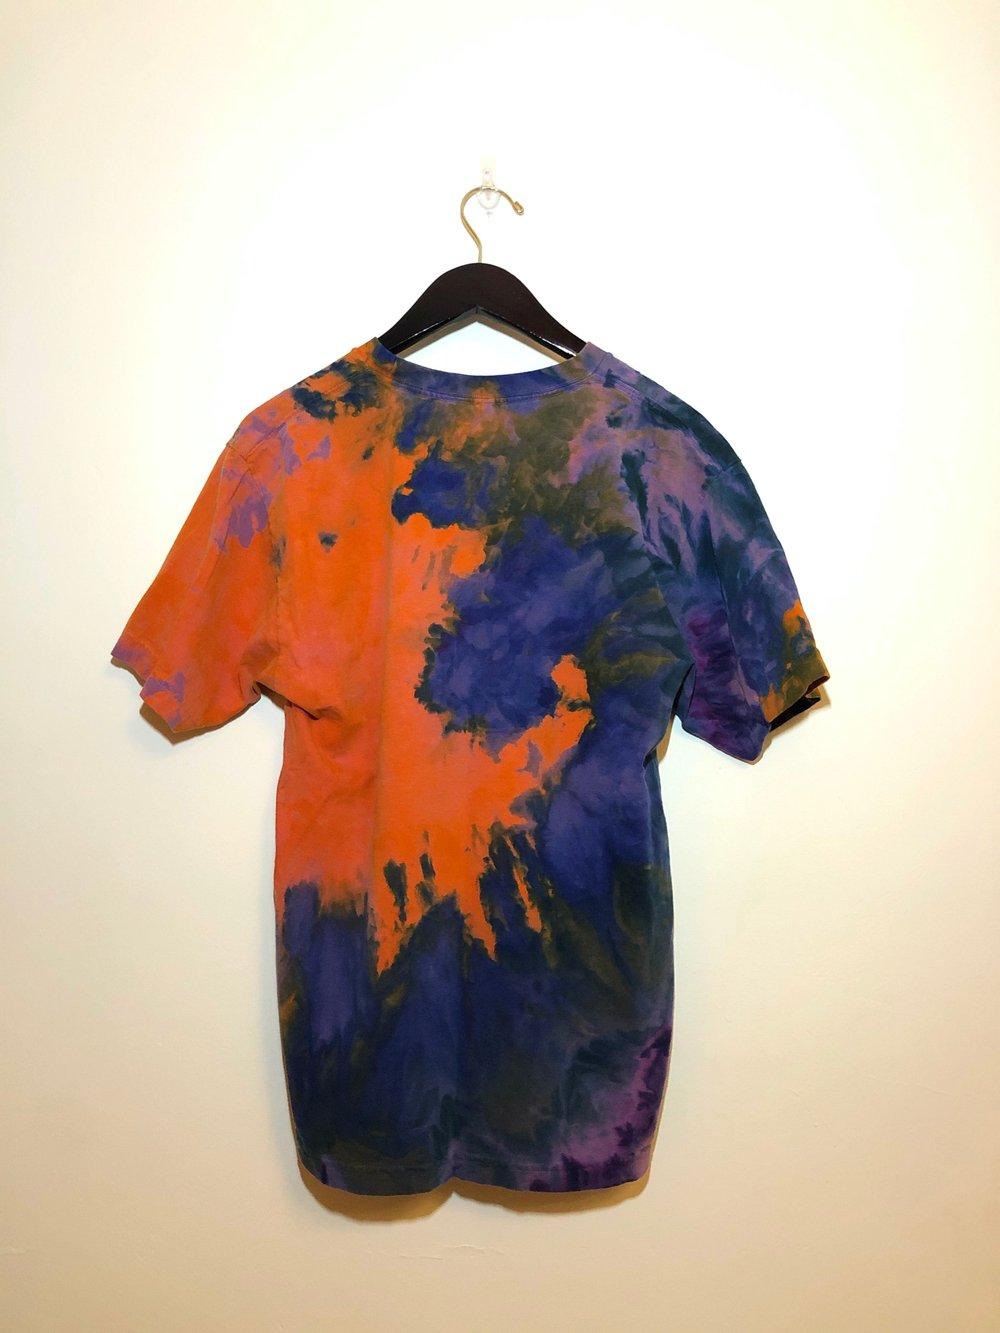 Shirt #12 - Small